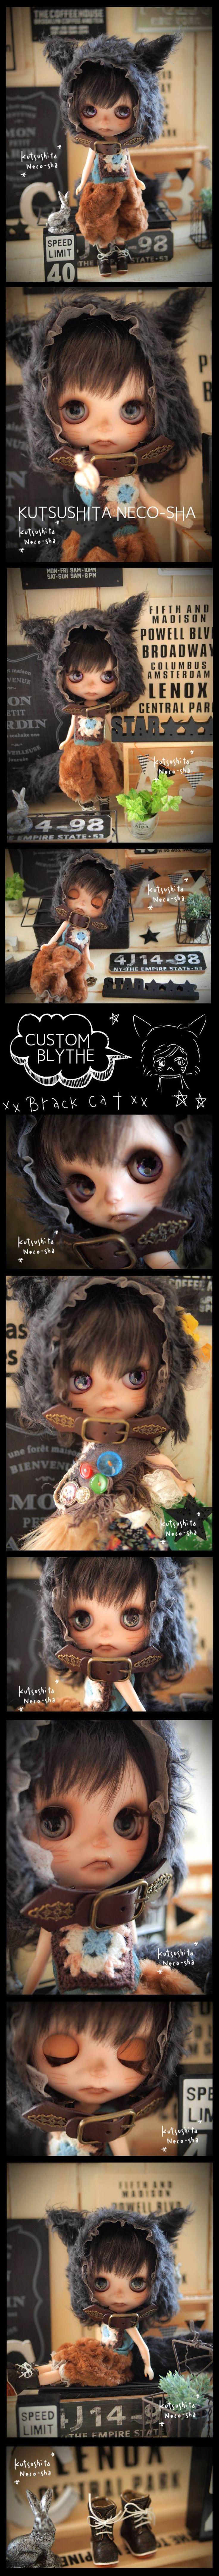 ネコシャ★ +黒猫&モノトーンインテリア + Custom Blythe - ヤフオク!